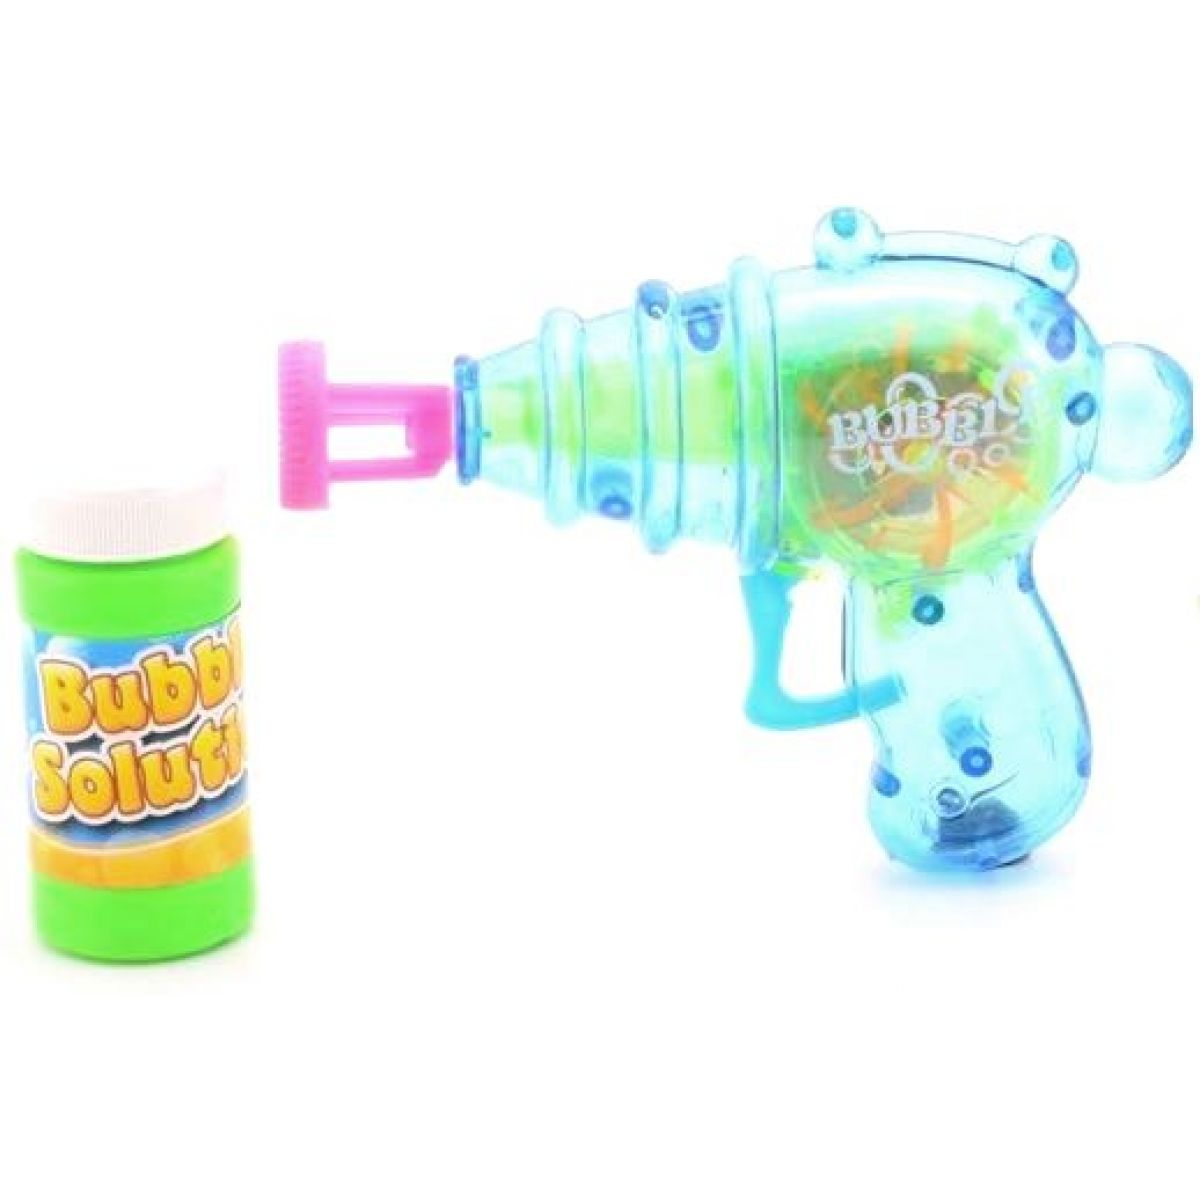 John toys Bublifuková pistole svítící + bulifuk